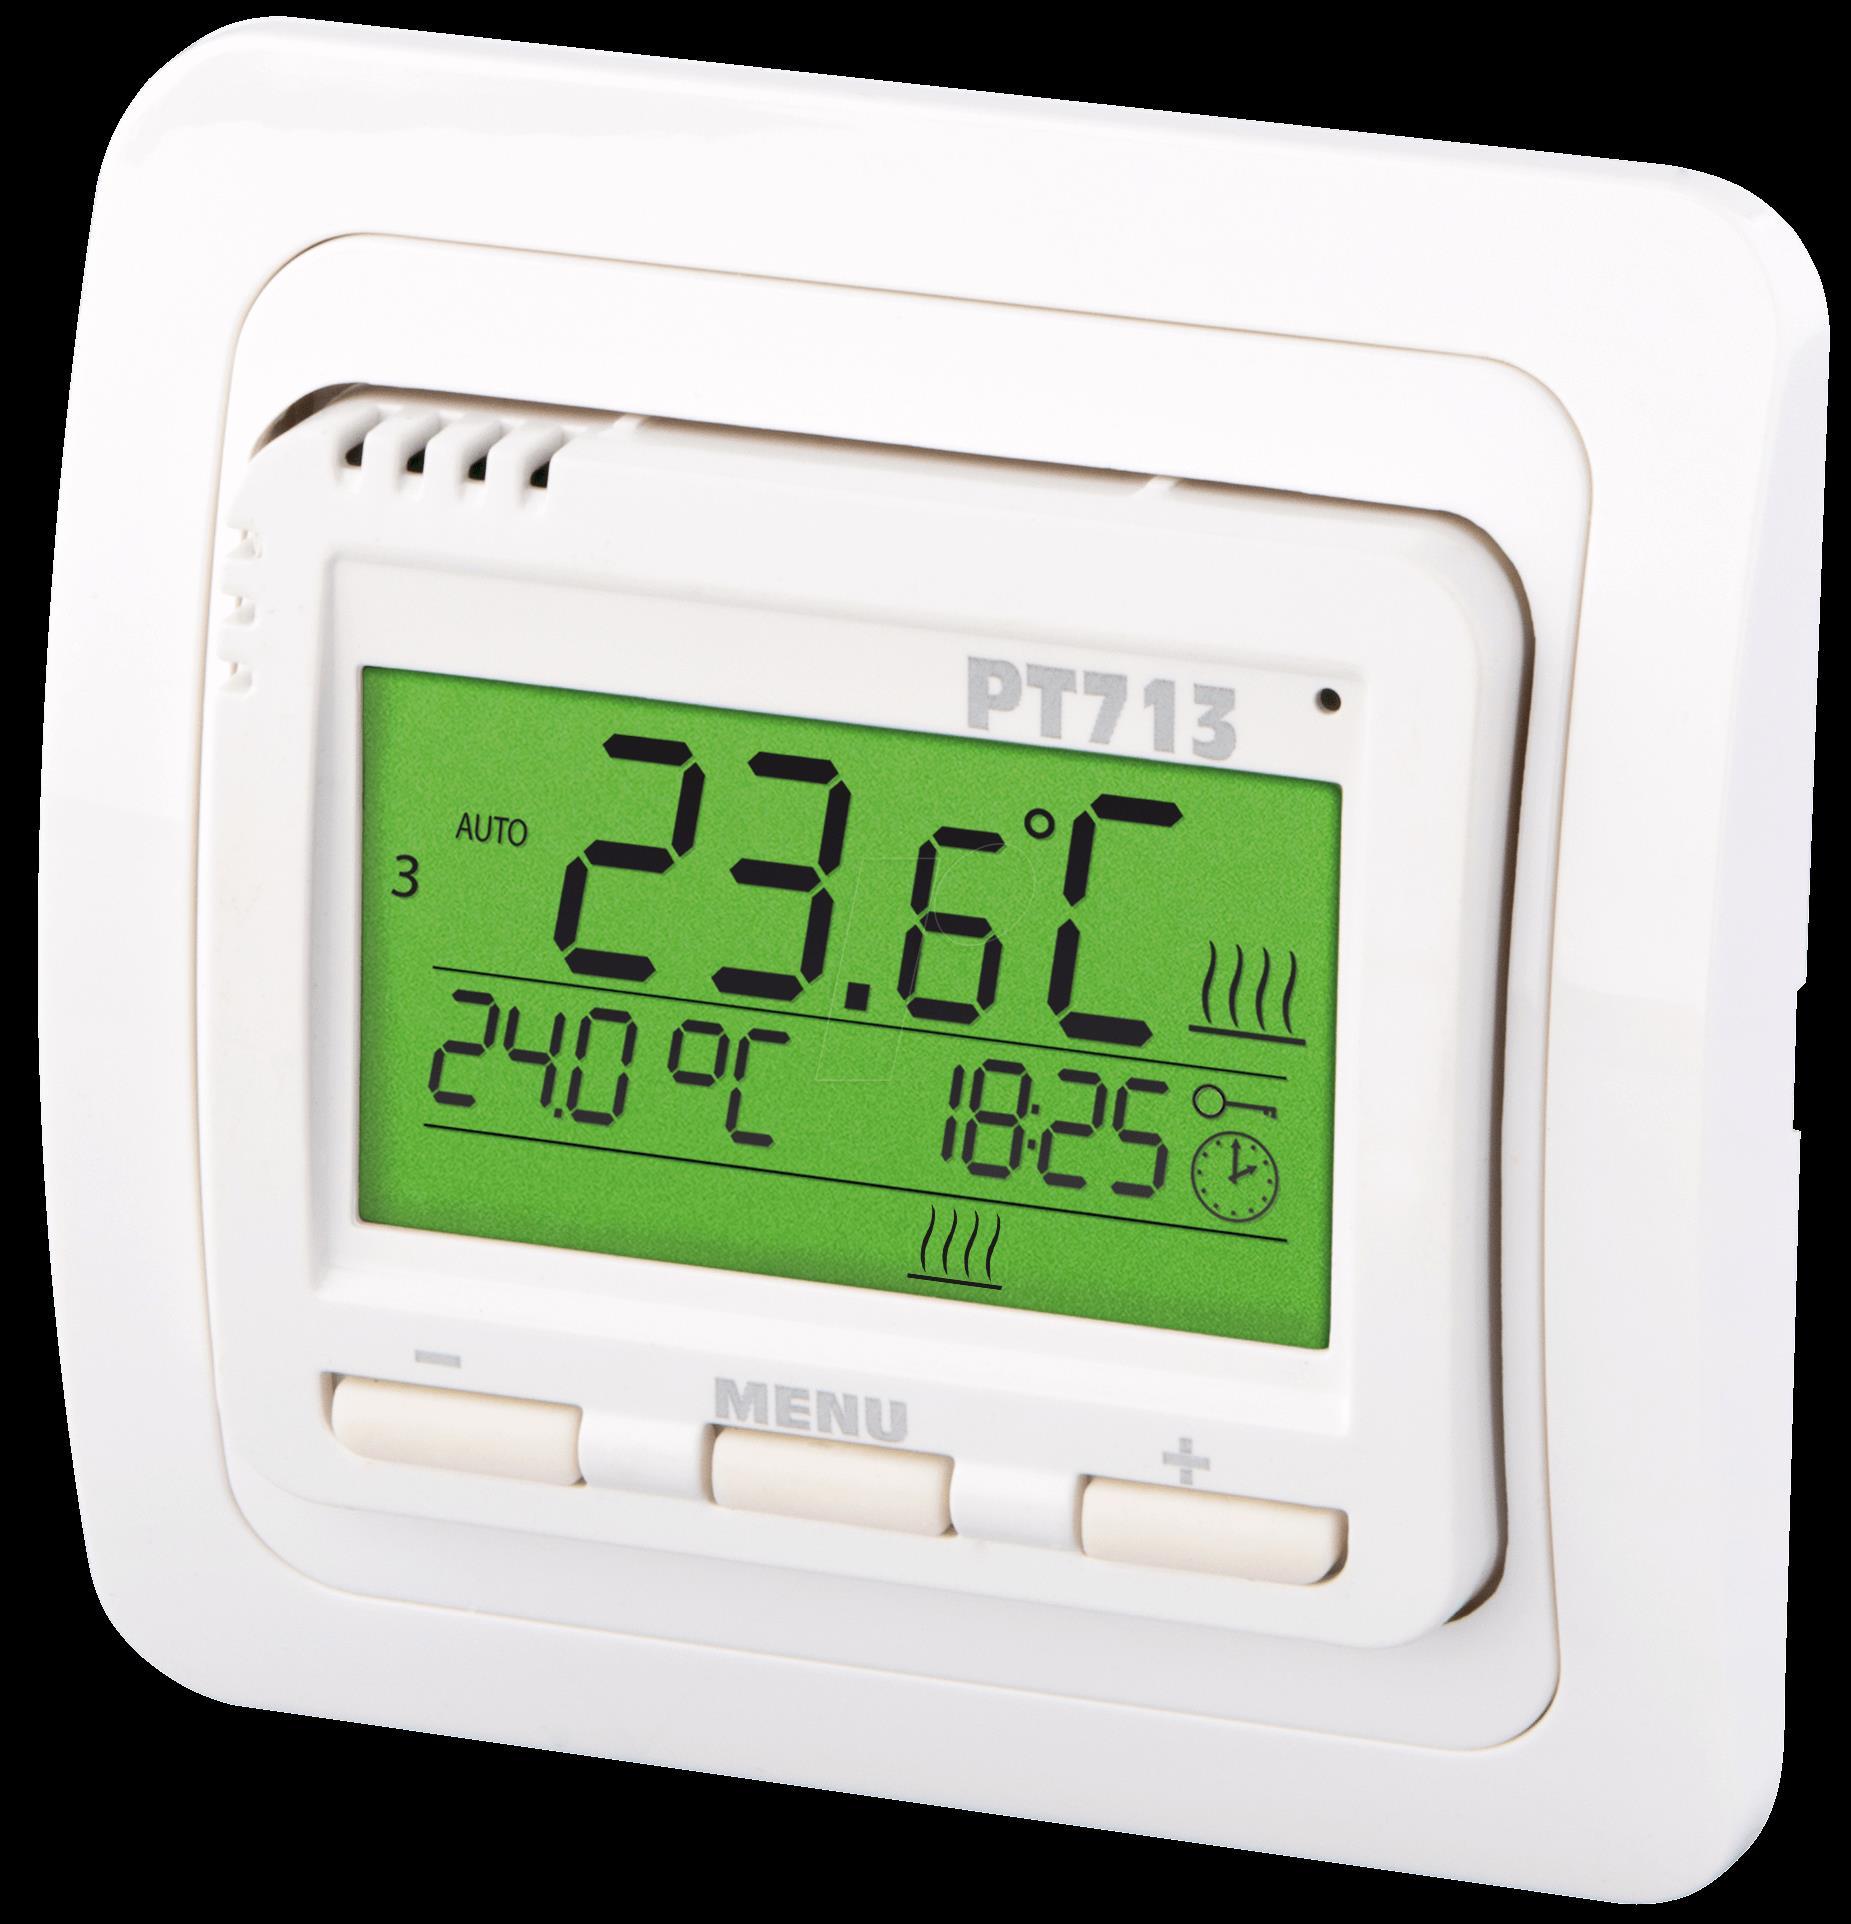 ELEKTROBOCK DE GmbH EB PT713 - Thermostat für Fussbodenheizungen (PT713)